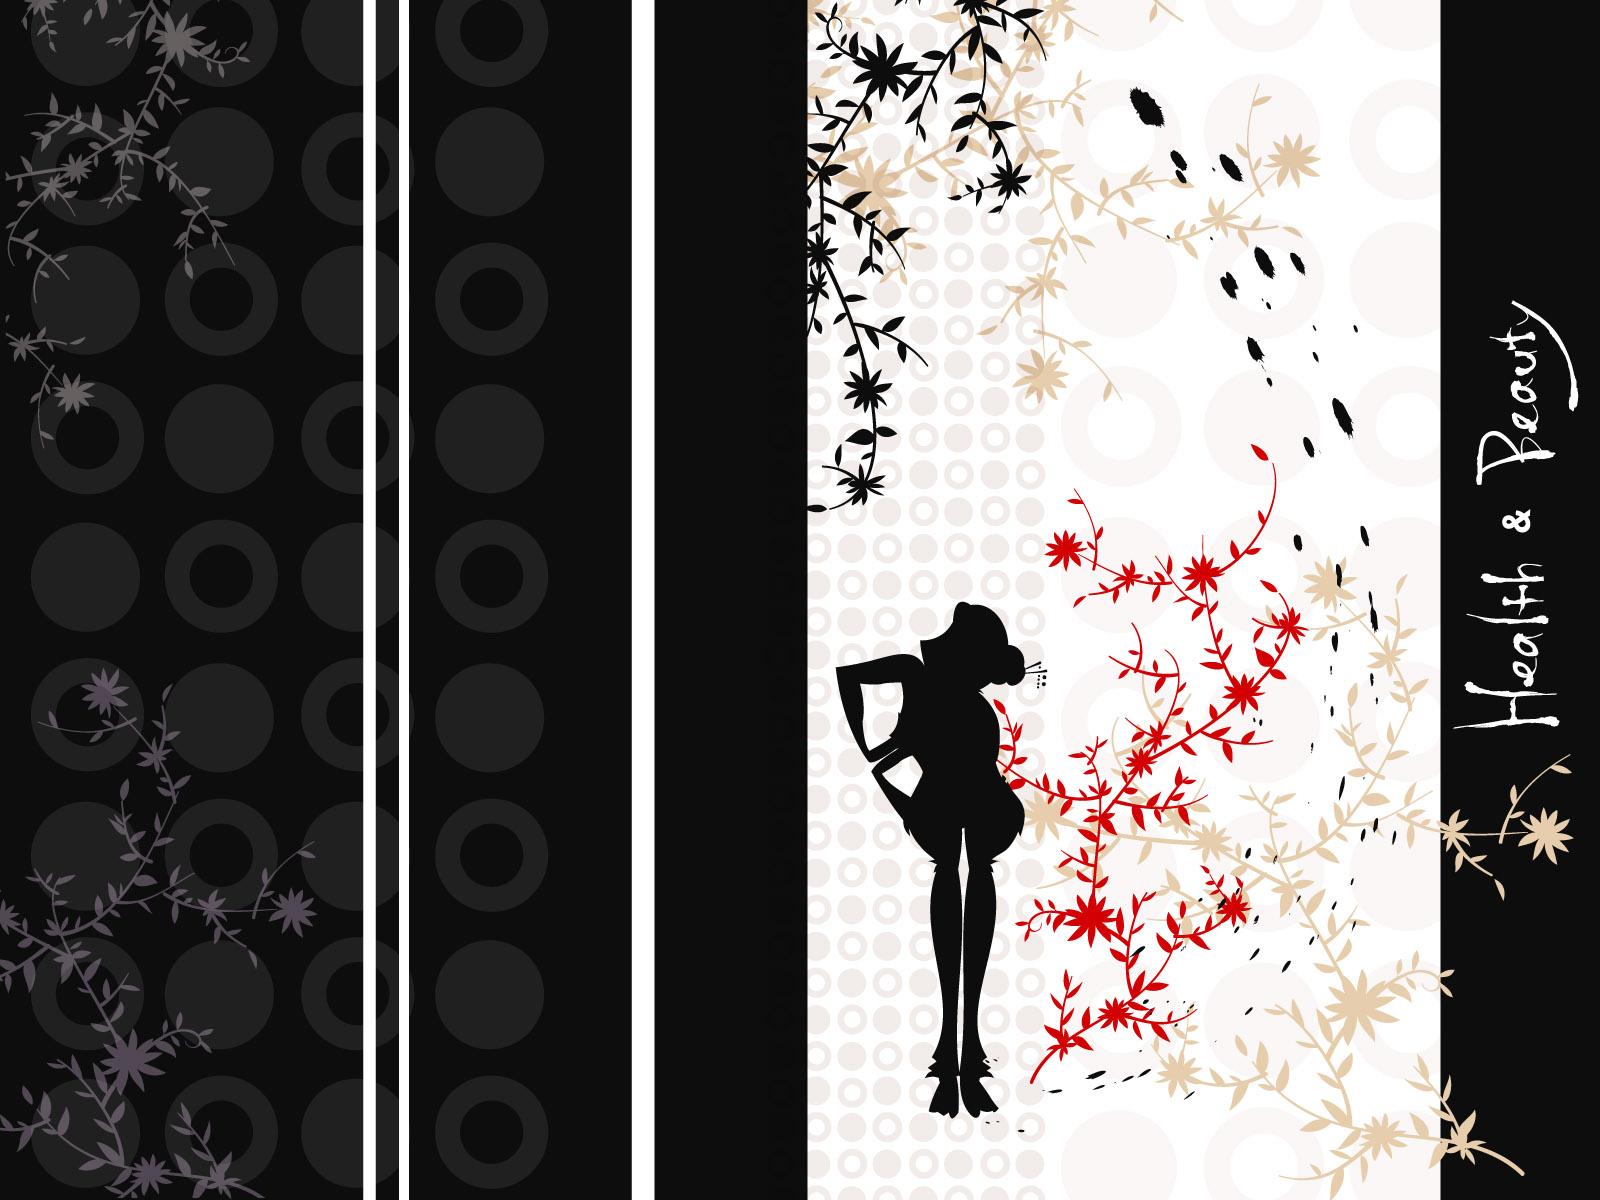 壁纸1600×1200矢量运动女孩 2 19壁纸 矢量运动女孩壁纸图片矢量壁纸矢量图片素材桌面壁纸